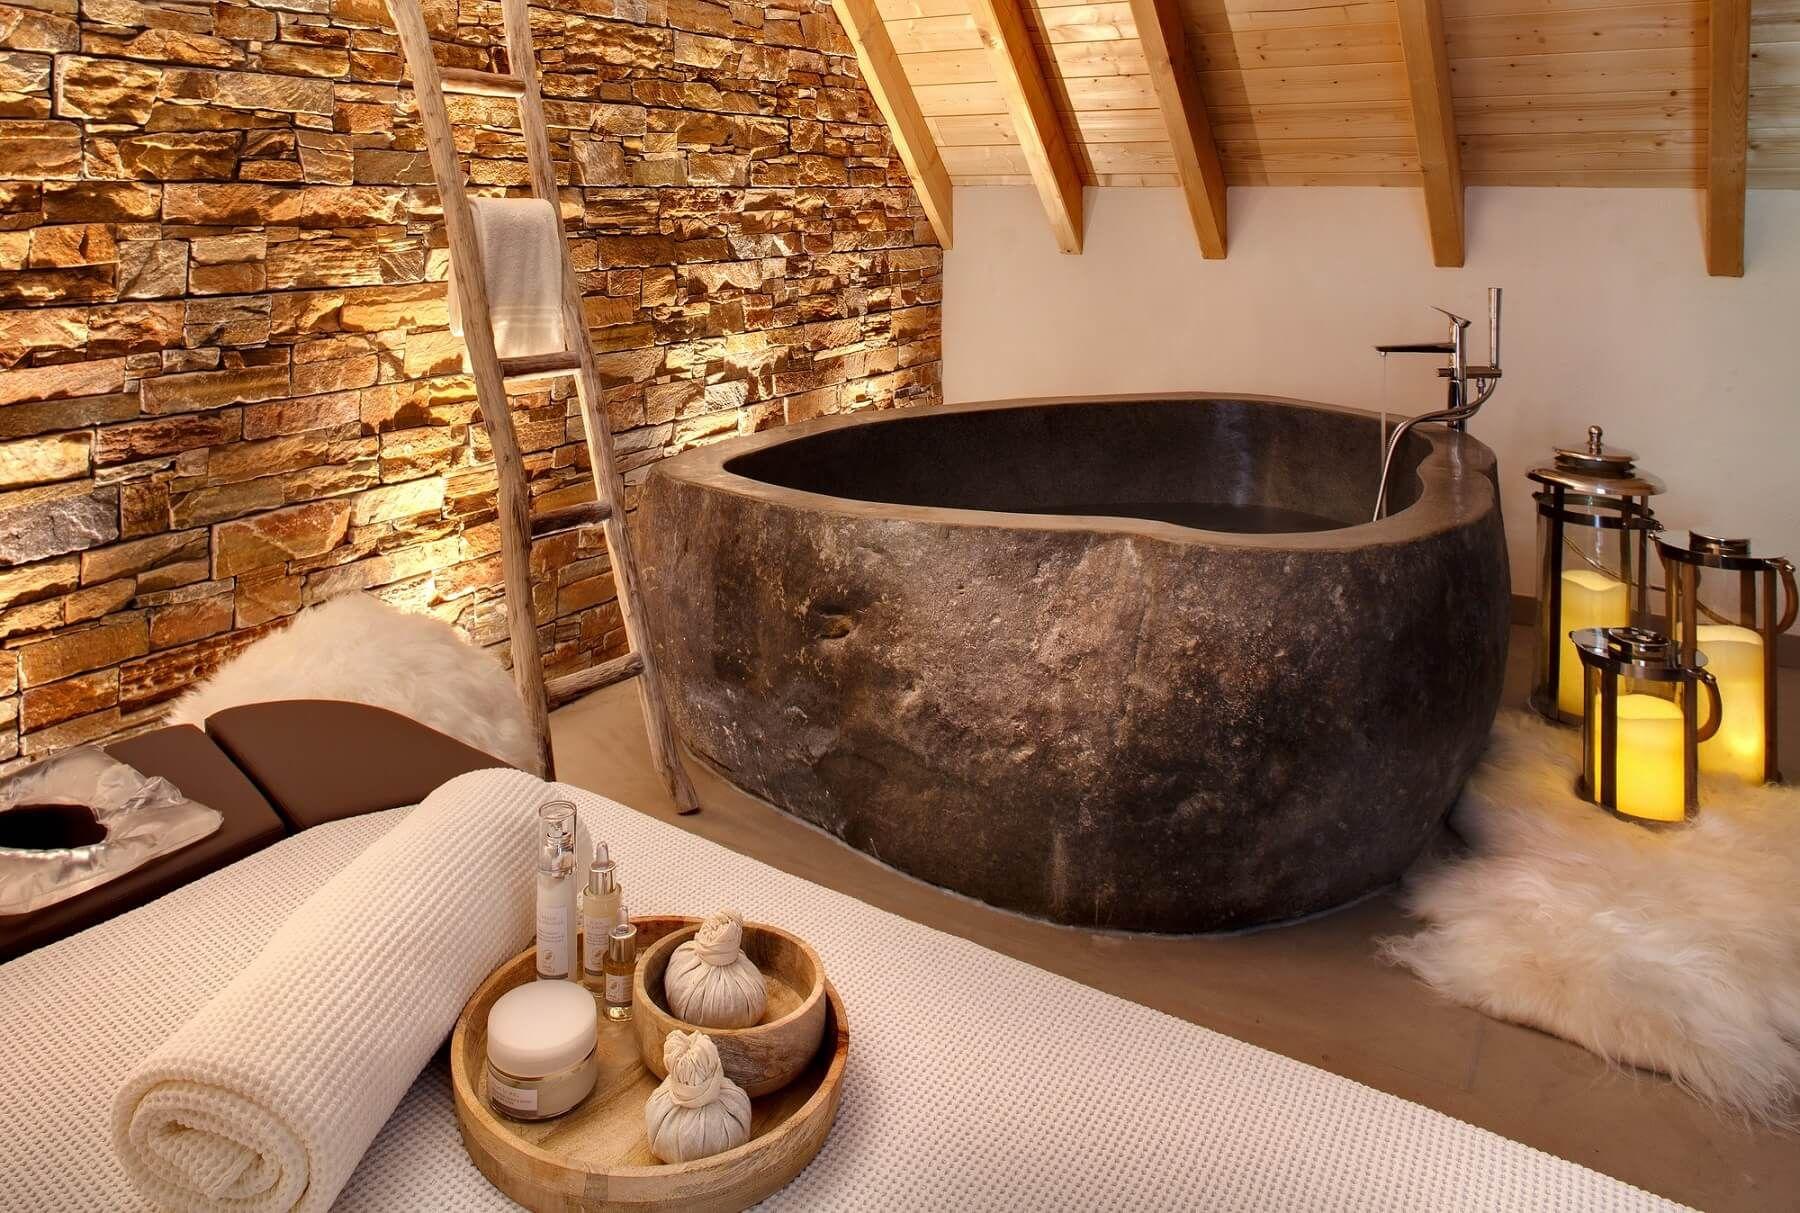 Les 25 meilleures idées de la catégorie Hotel jacuzzi privatif sur